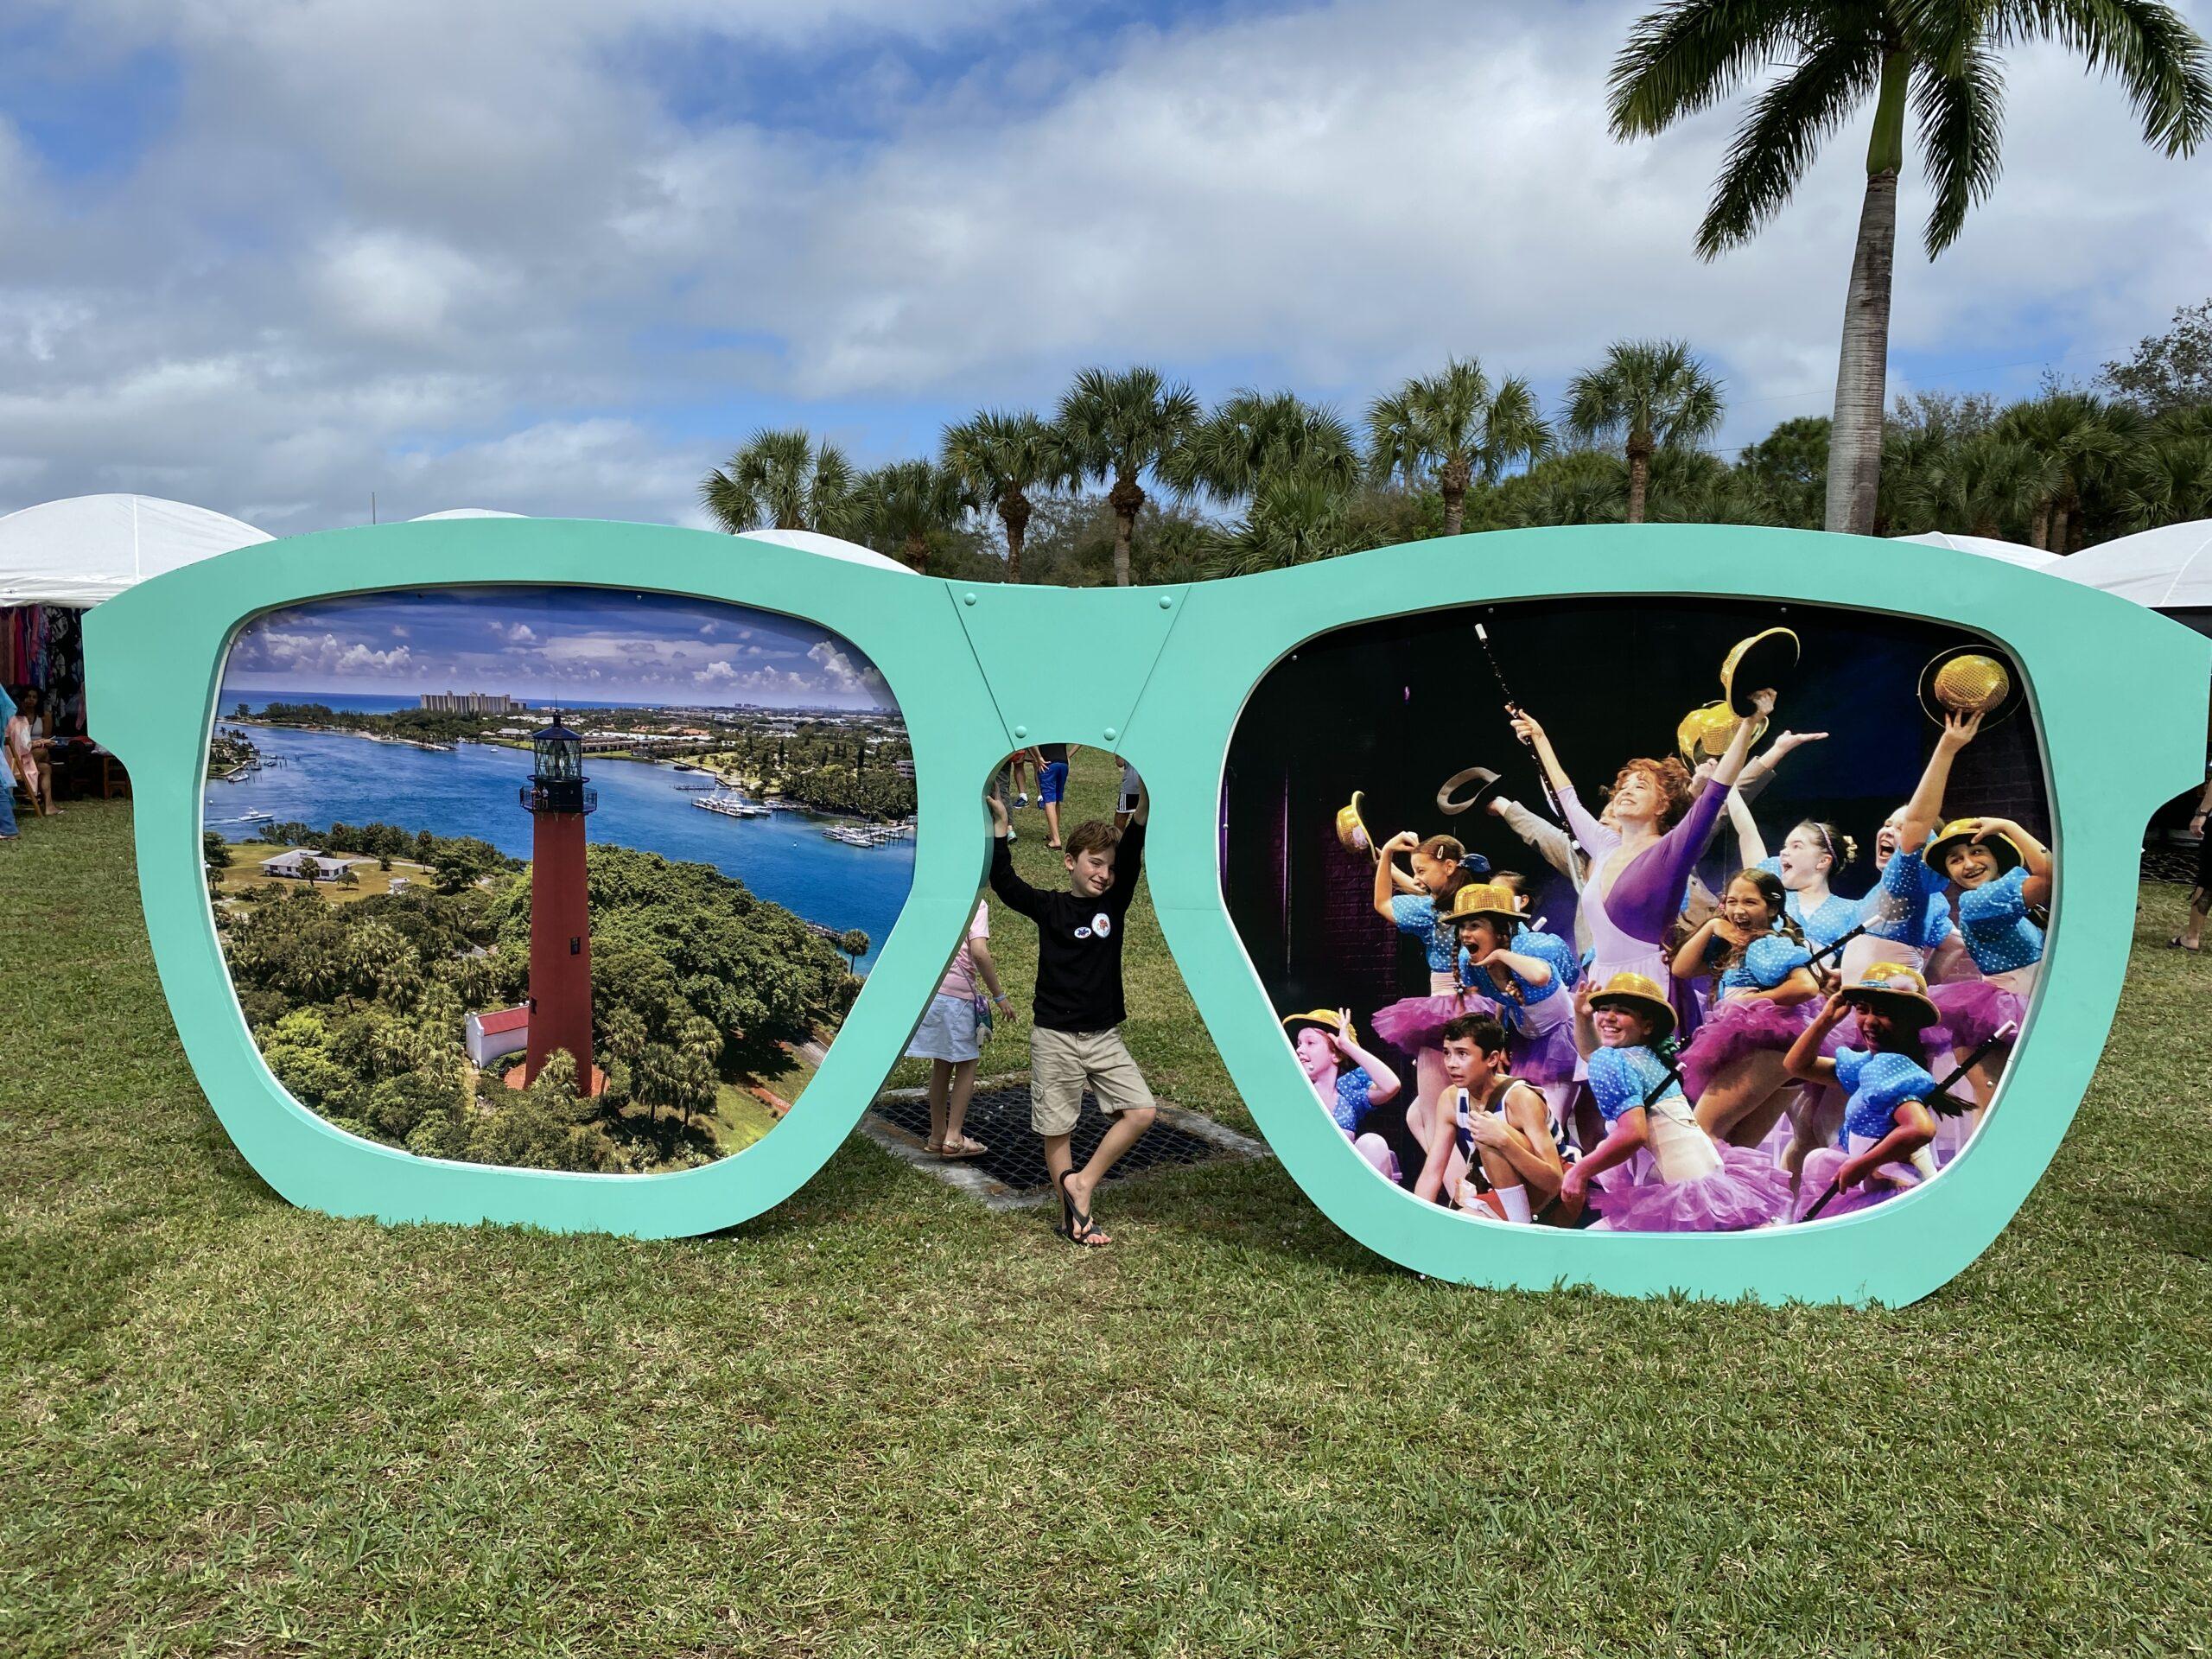 Artigras Palm Beach Shades